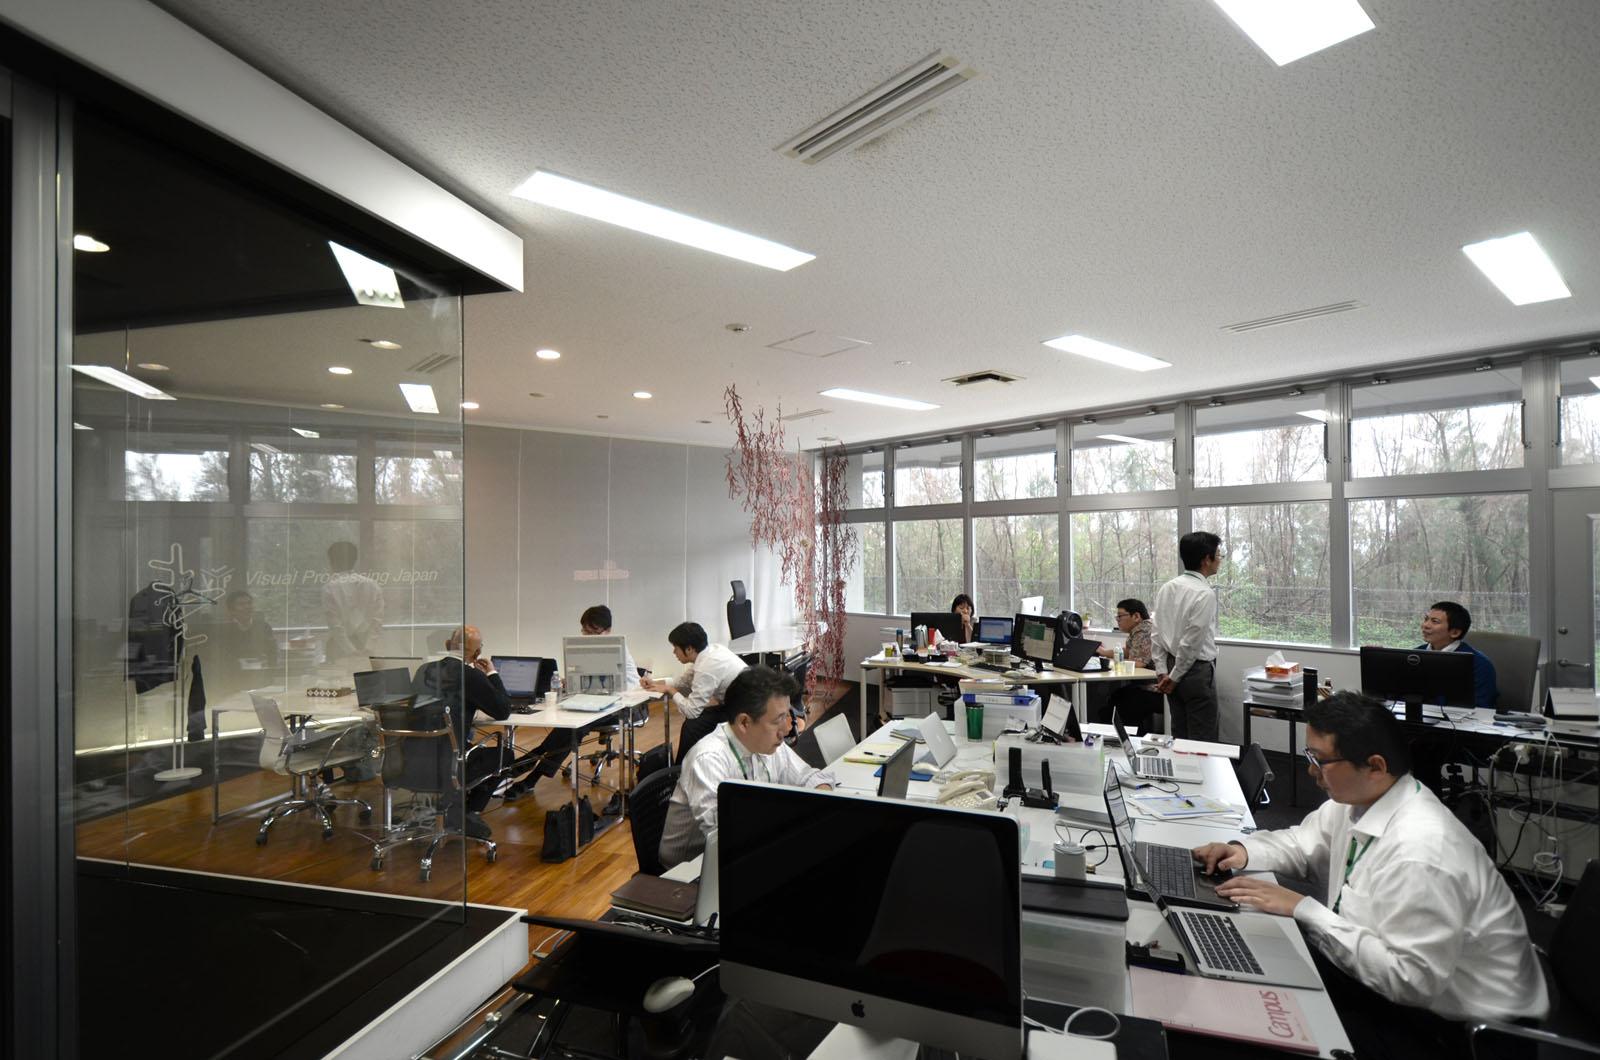 12株式会社ヴィジュアル・プロセッシング・ジャパン